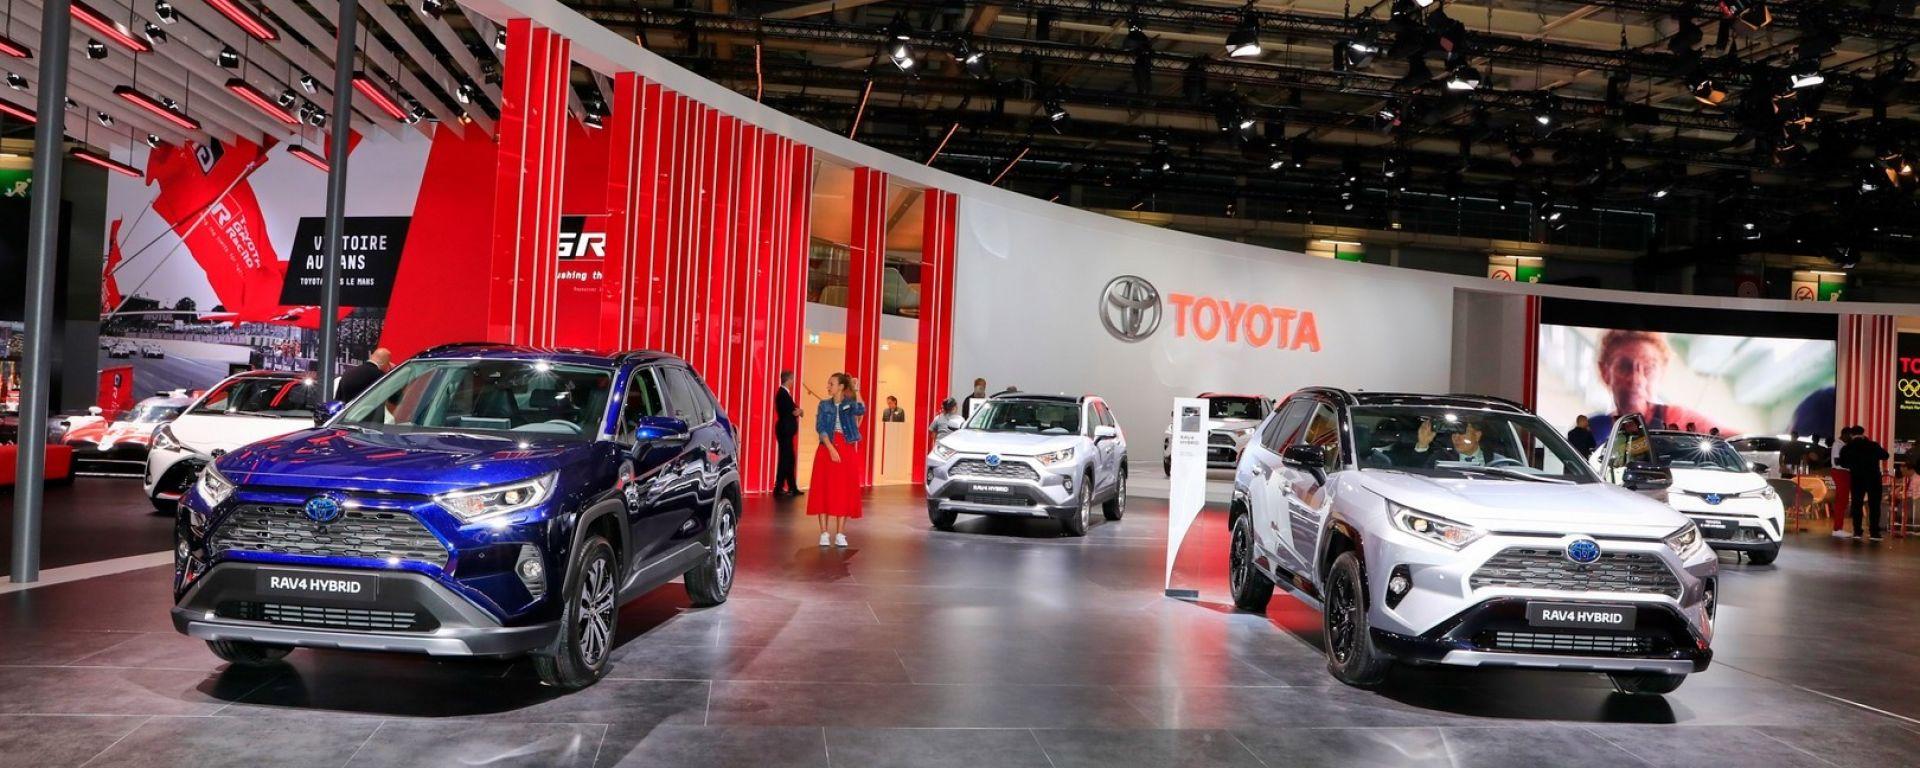 Toyota Hybrid Service: la garanzia arriva fino a 10 anni